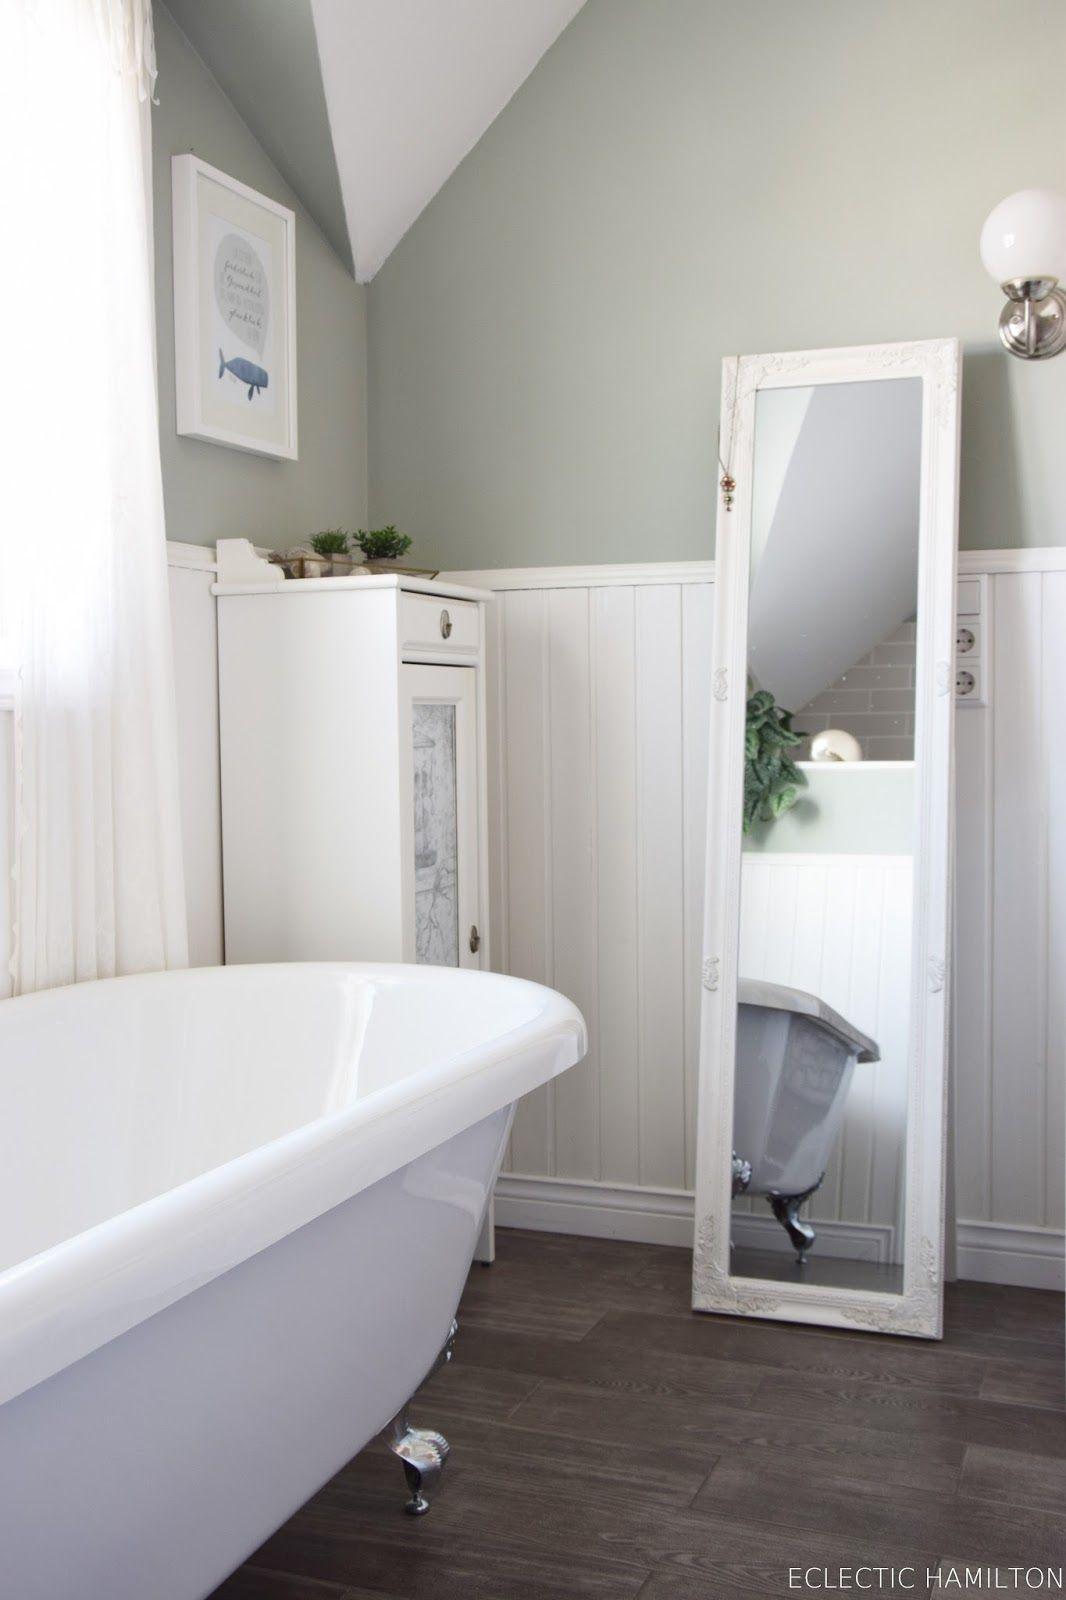 Meine Badezimmer-Deko und gute Gedanken hinter Glas in 2019 ...